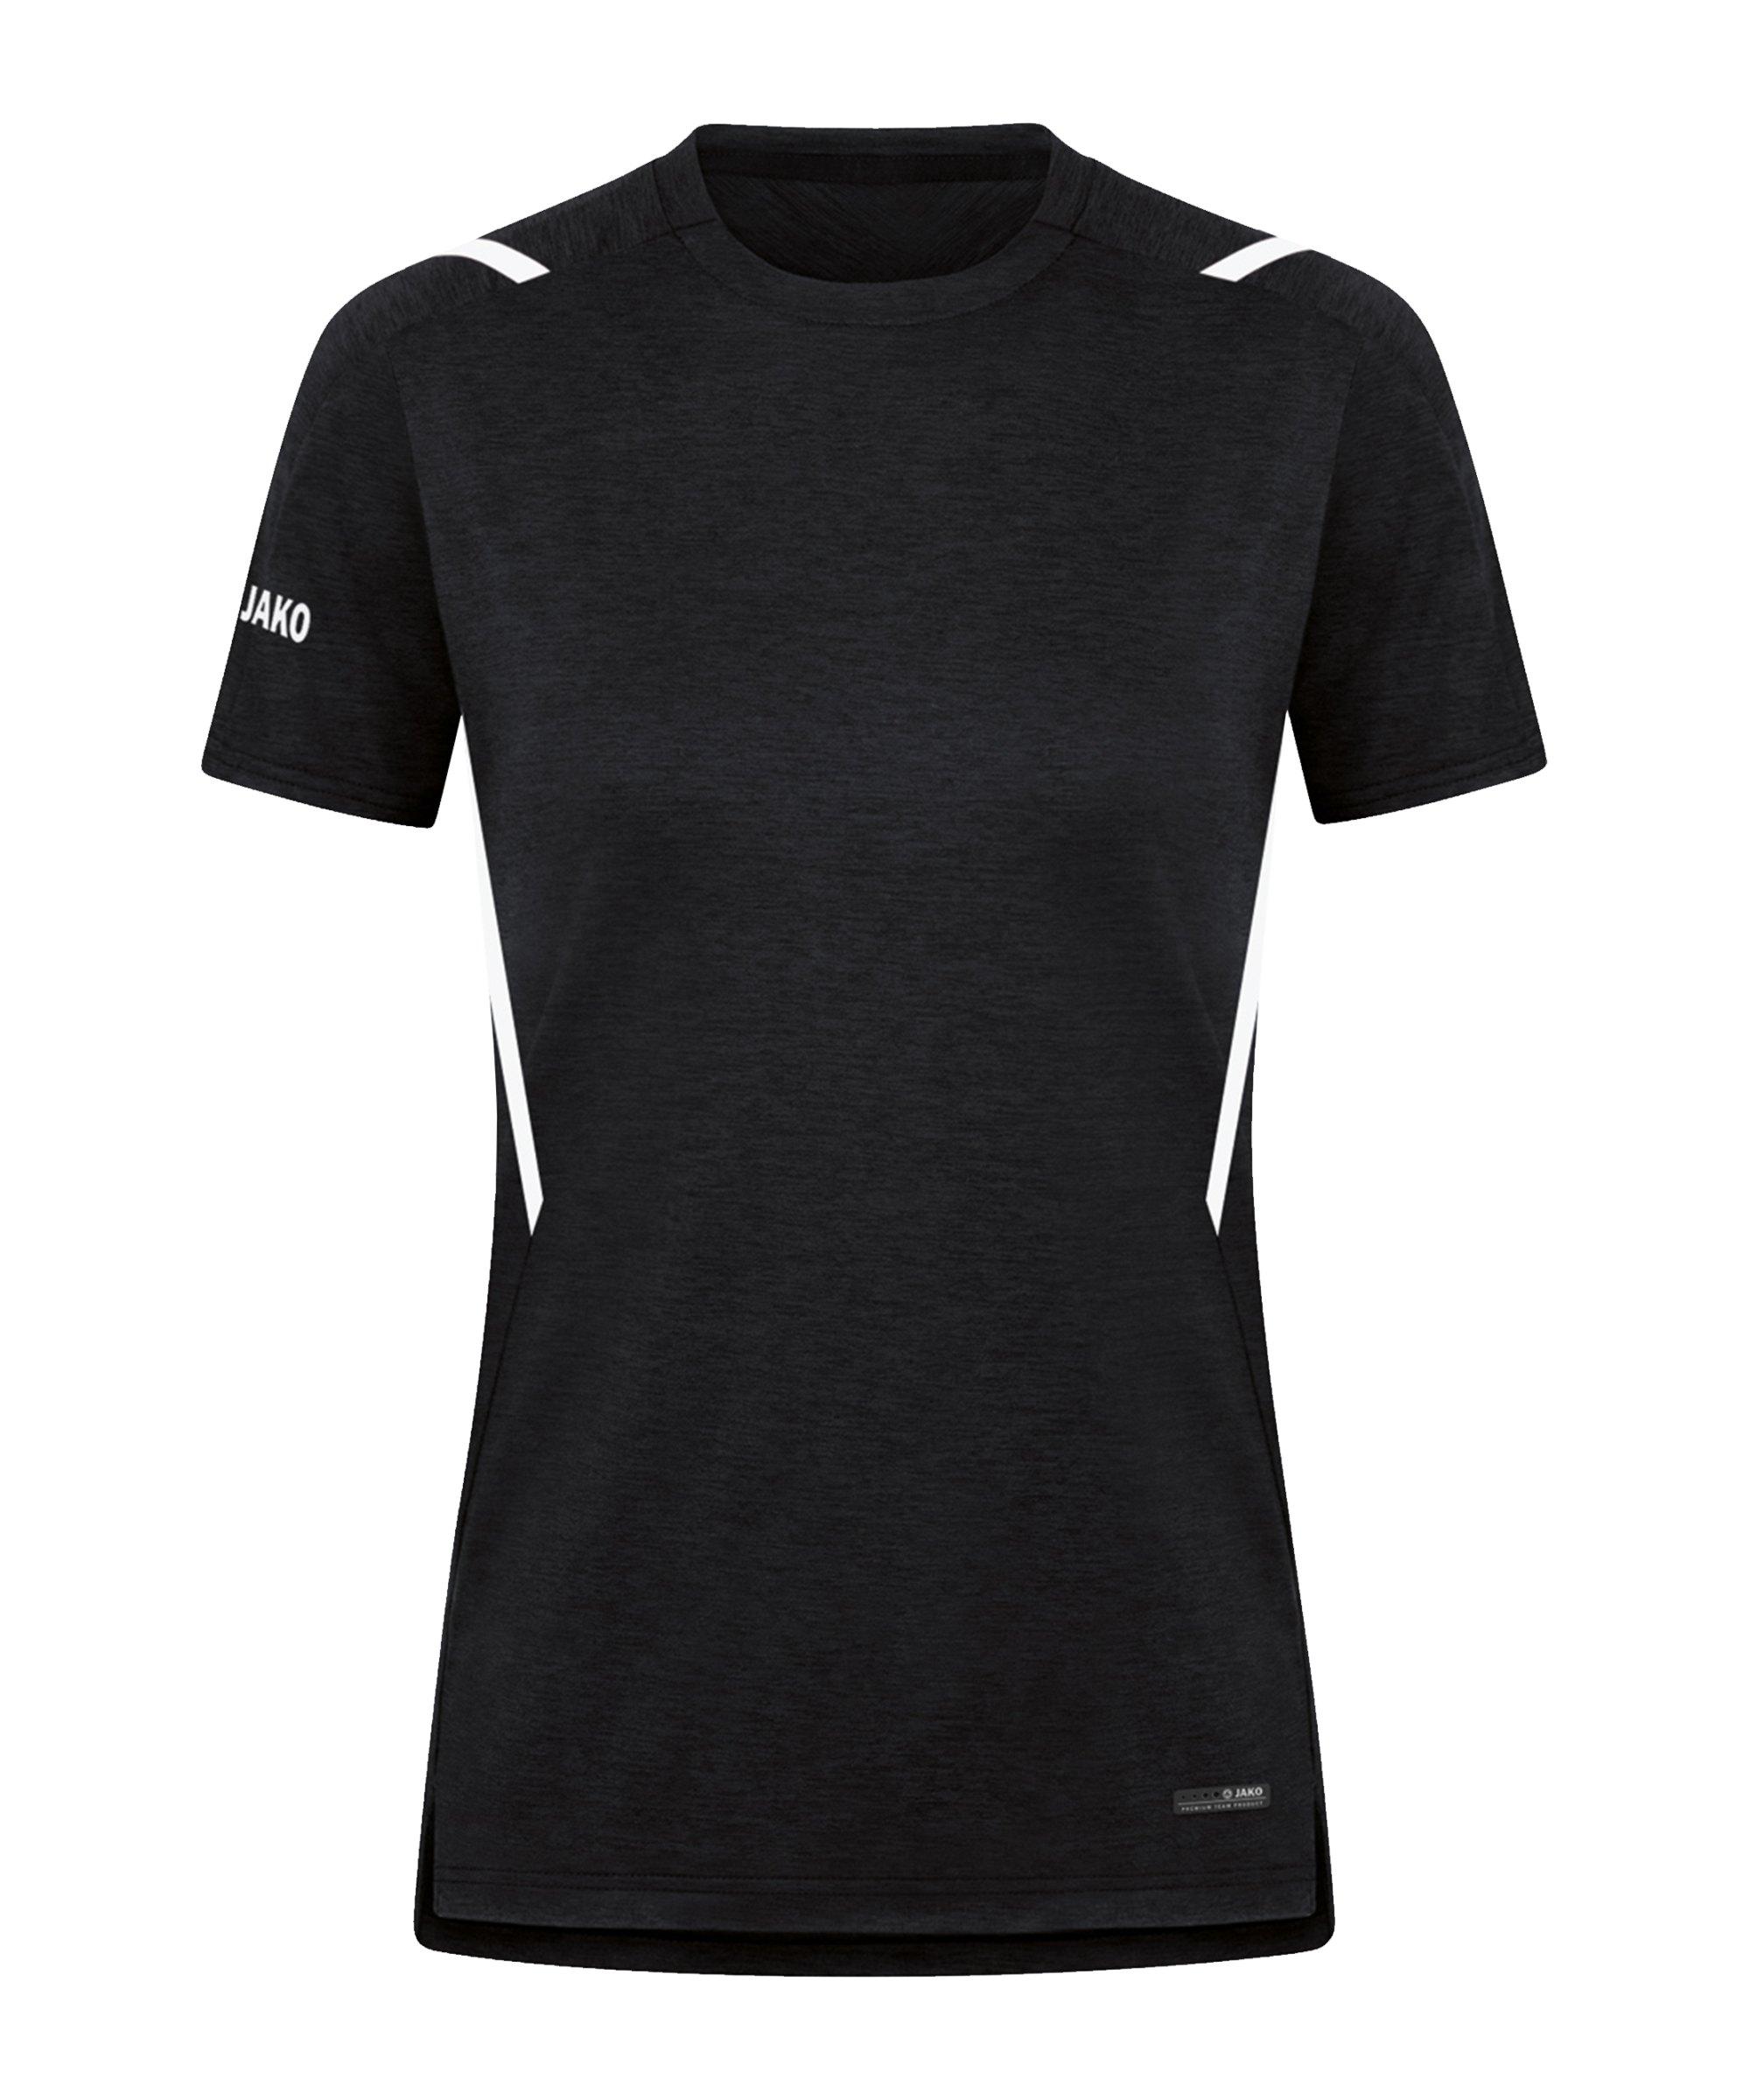 JAKO Challenge Freizeit T-Shirt Damen F501 - schwarz